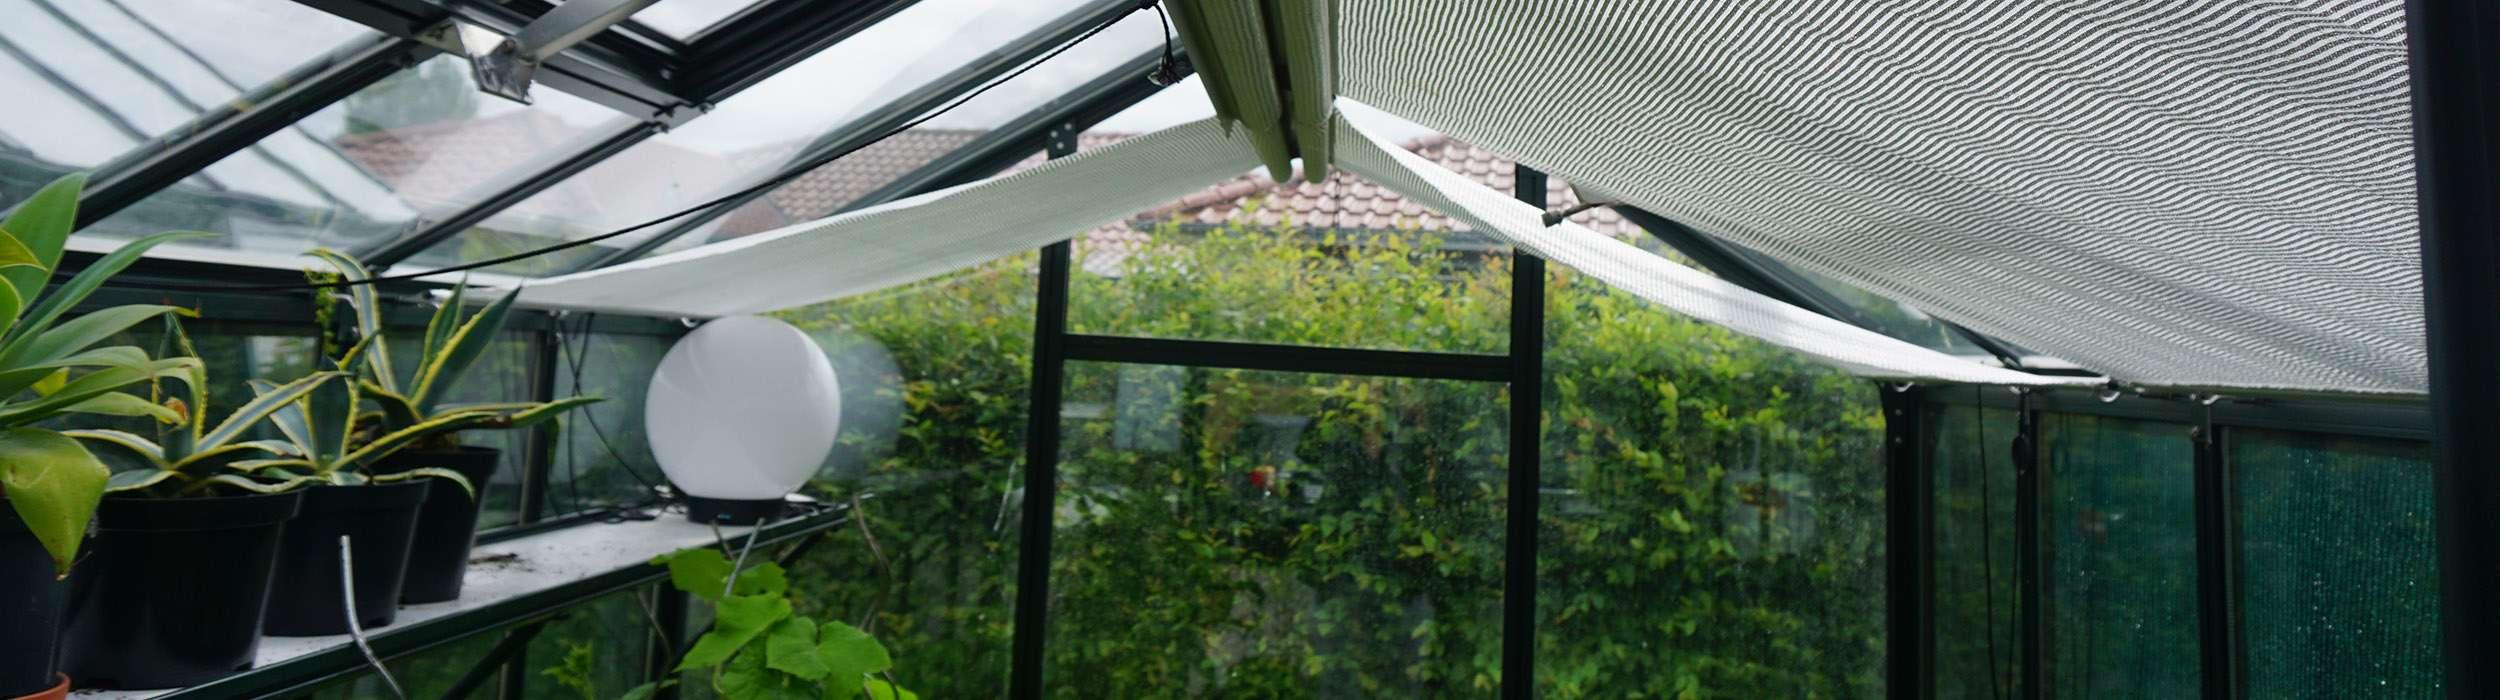 Fabelhaft Fensteröffner und Beschattungen » Hilfe bei Hitze im Gewächshaus @CT_49